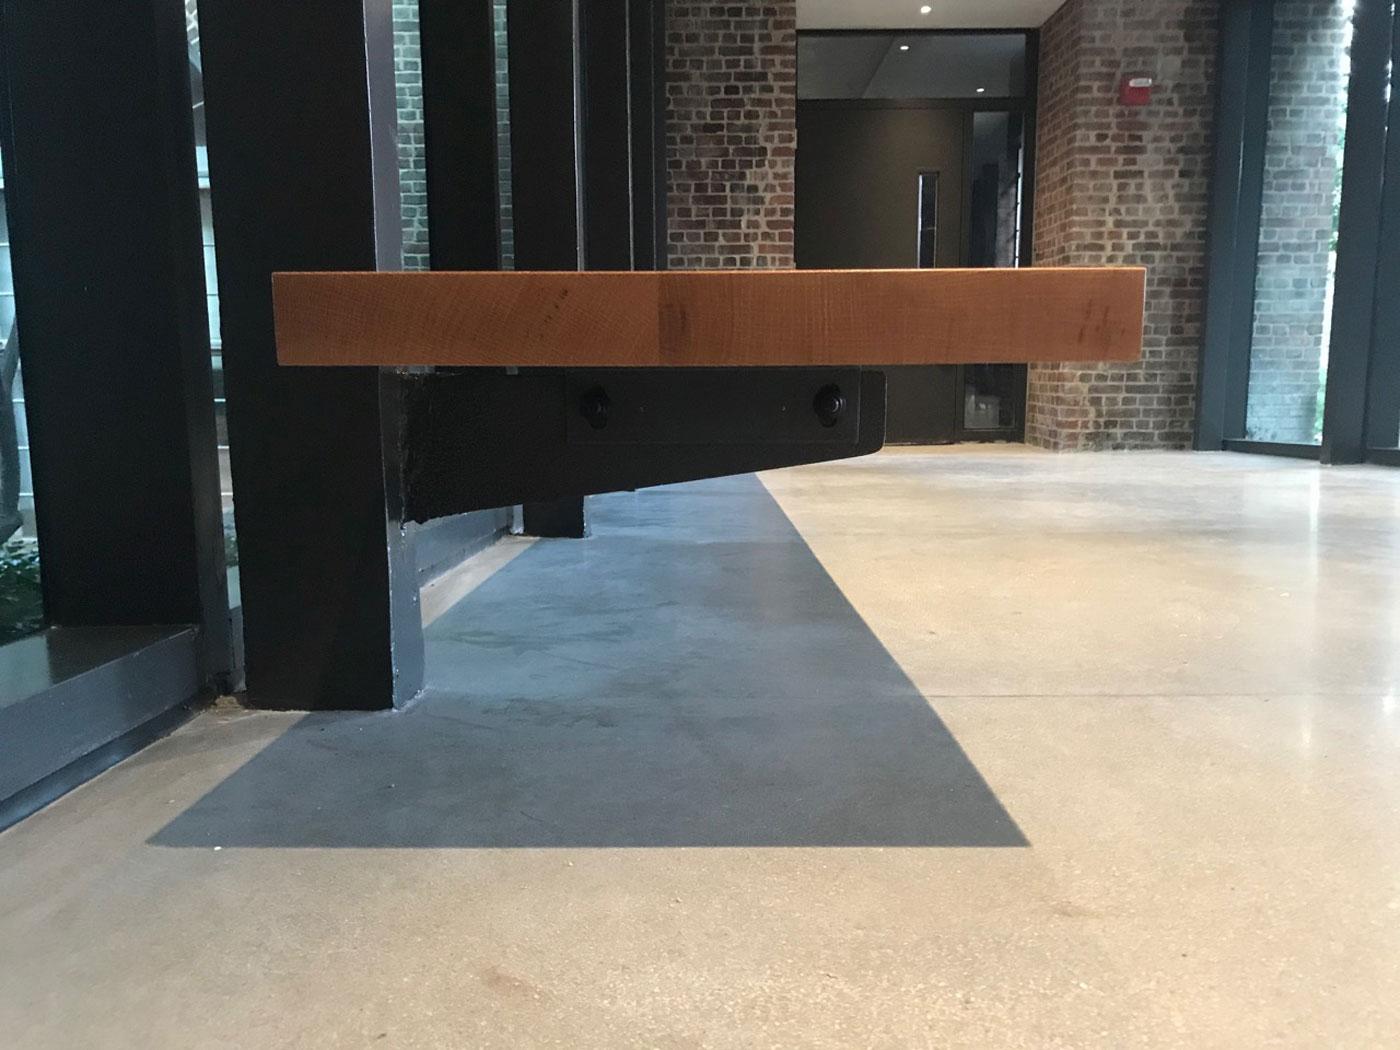 tate-vestibule-bench23